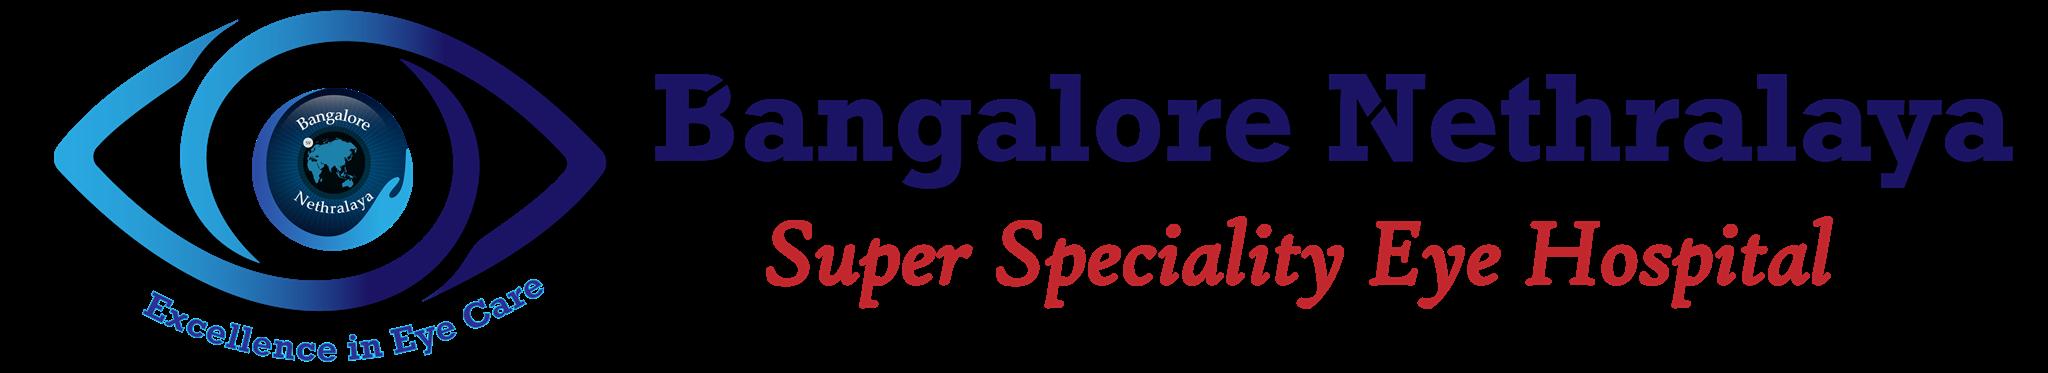 Best Eye Care Hospital in Bangalore-Bangalore Nethralaya